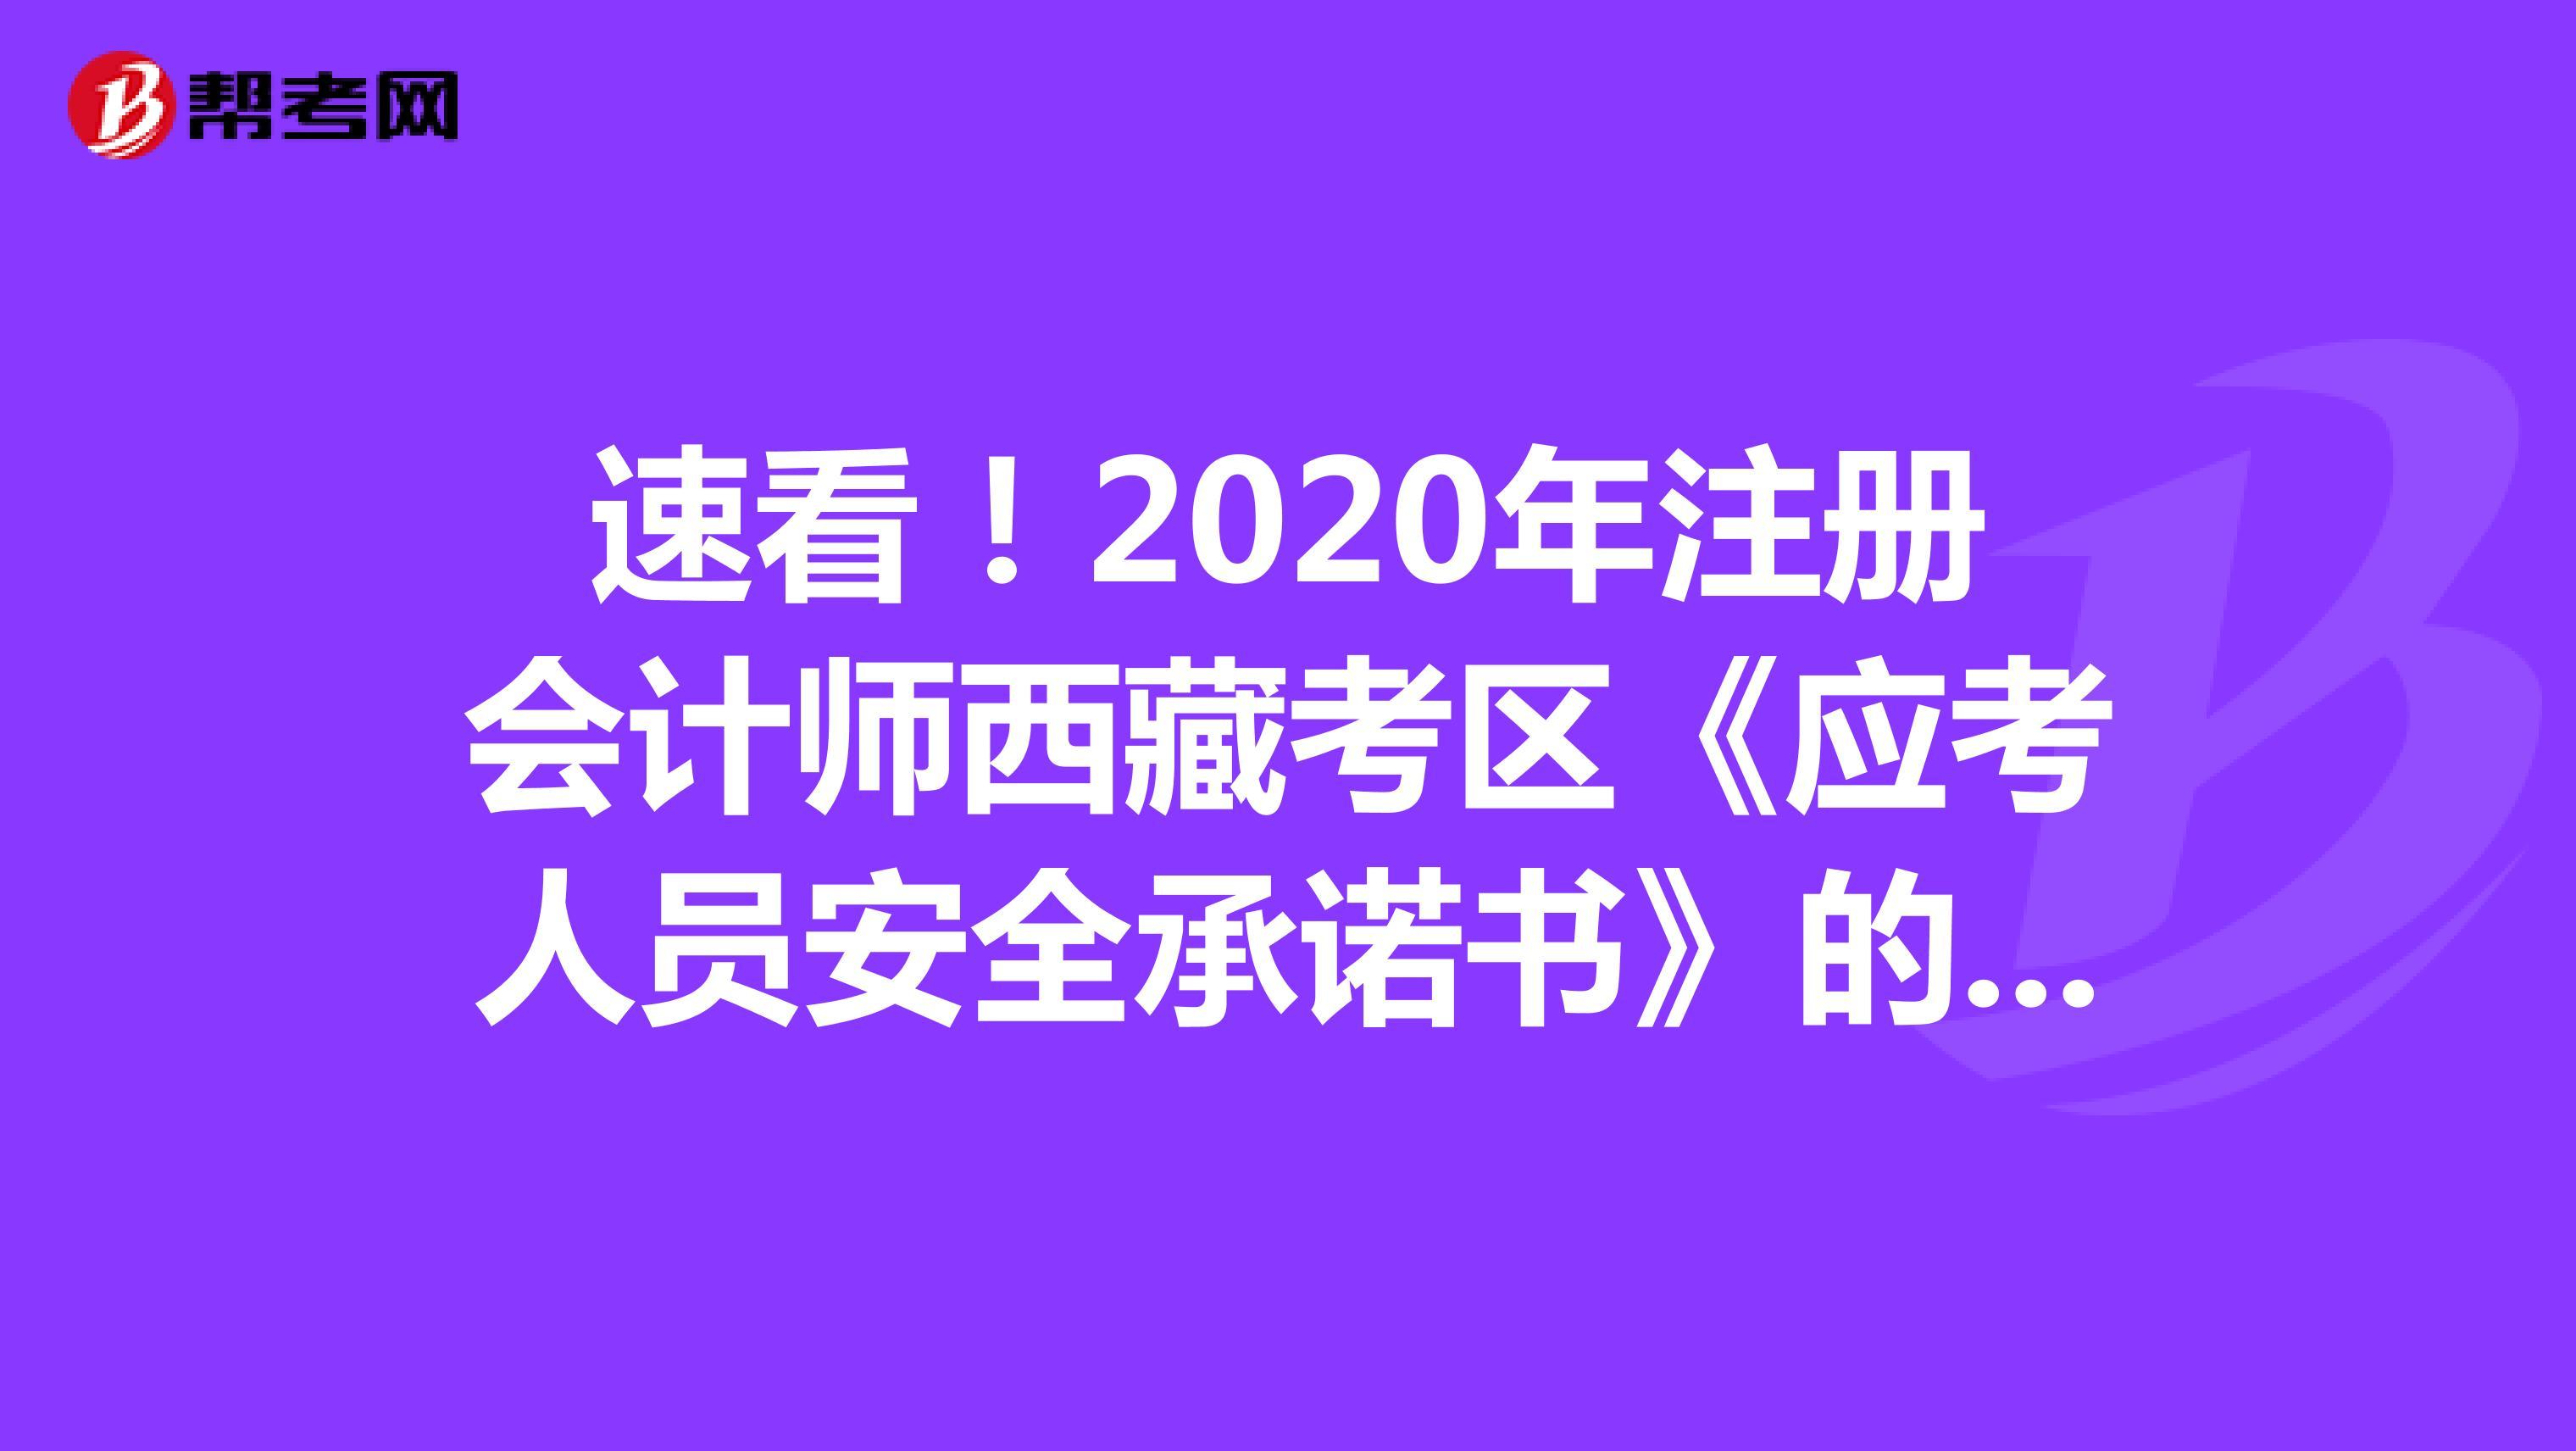 速看!2020年注册会计师西藏考区《应考人员安全承诺书》的公告